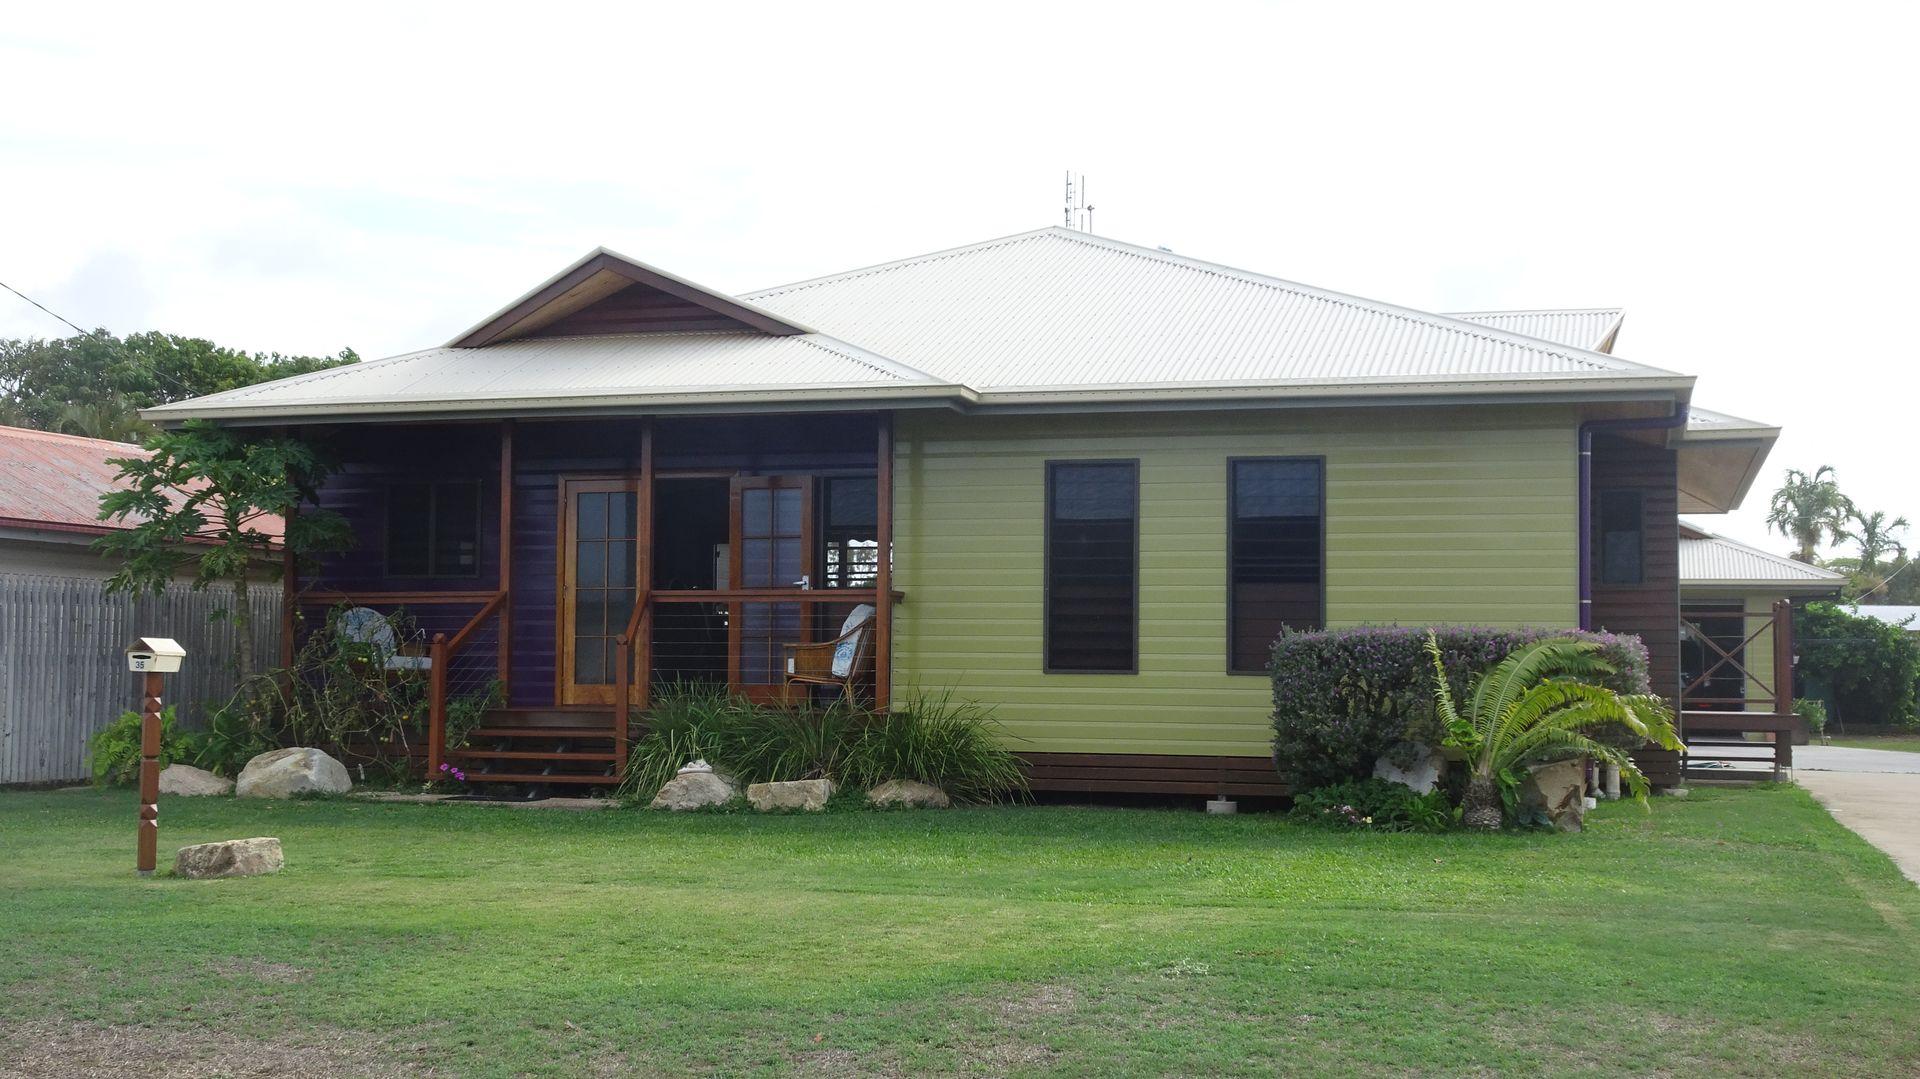 35  Whitsunday, Bowen QLD 4805, Image 0